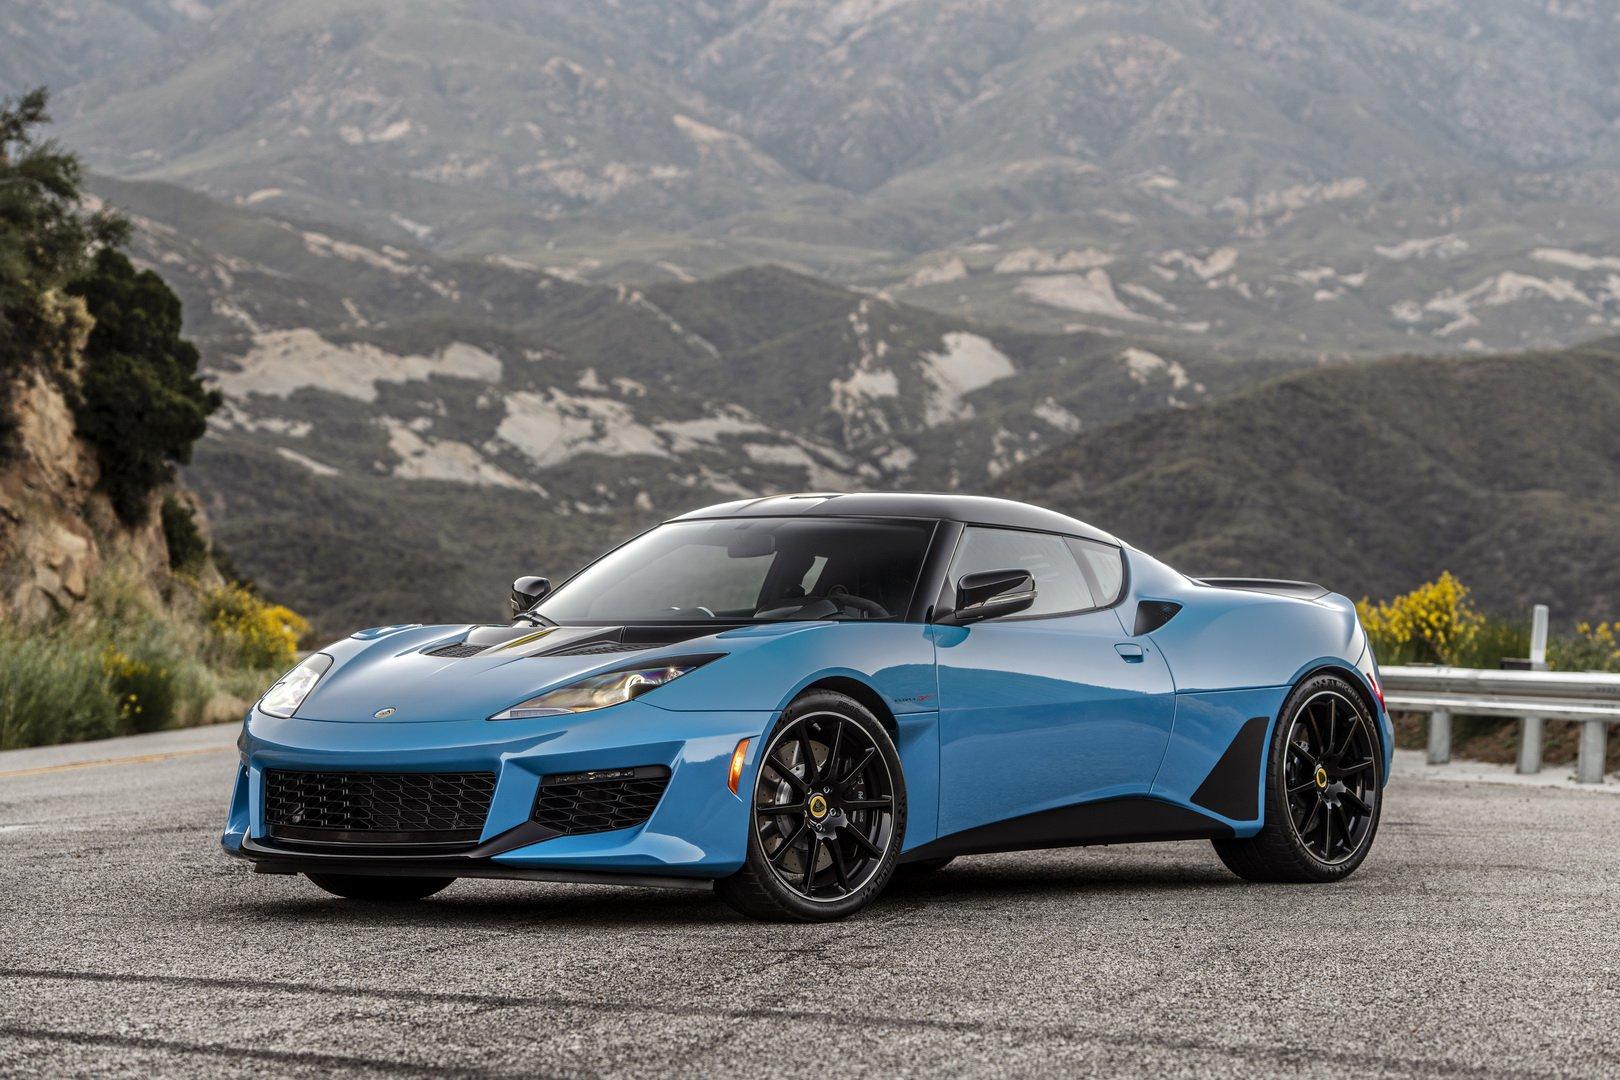 Lotus-Evora-GT-2020-6